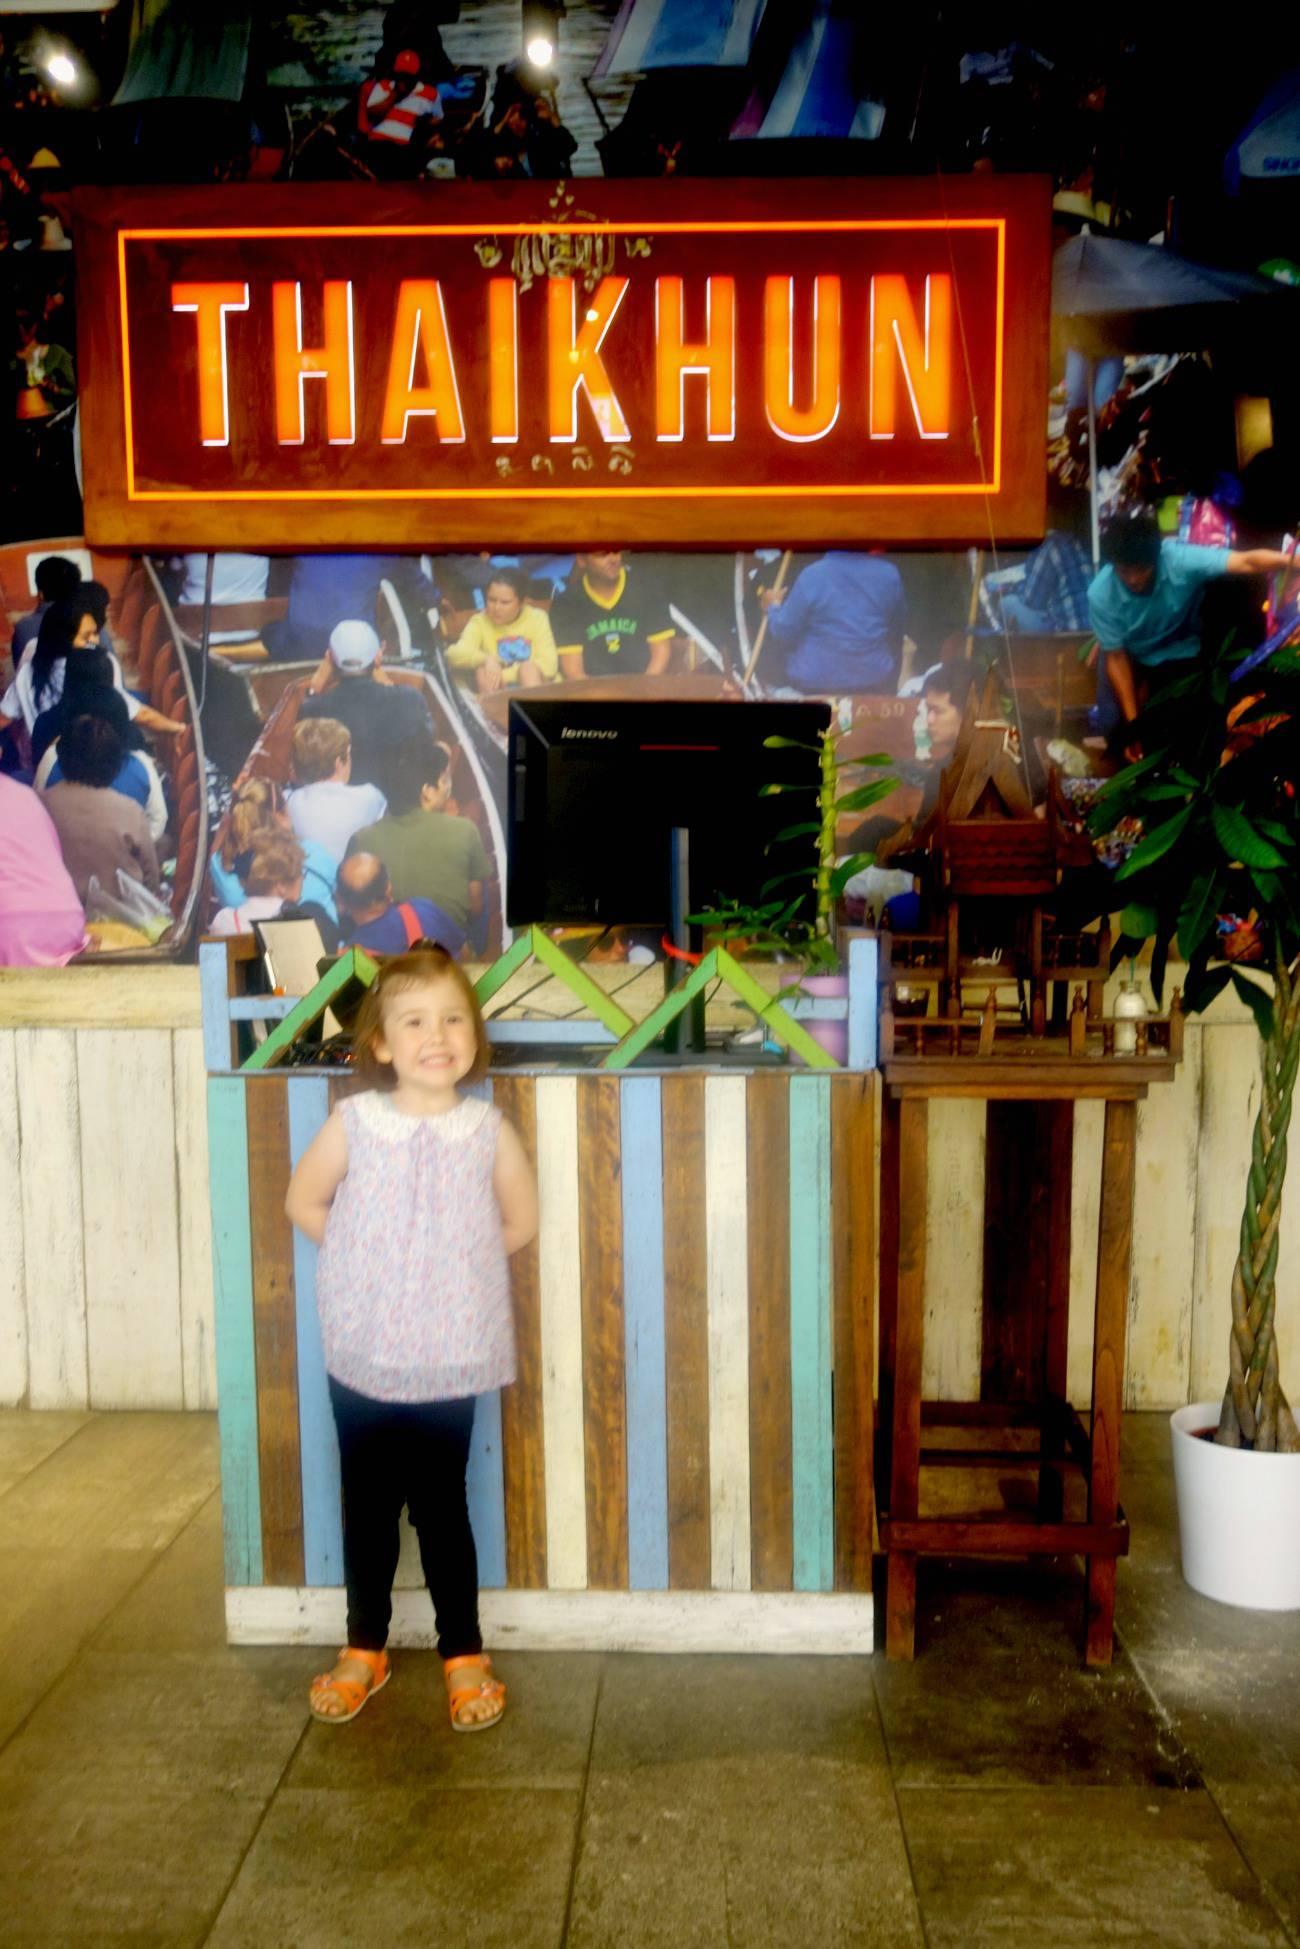 thaikhun nottingham